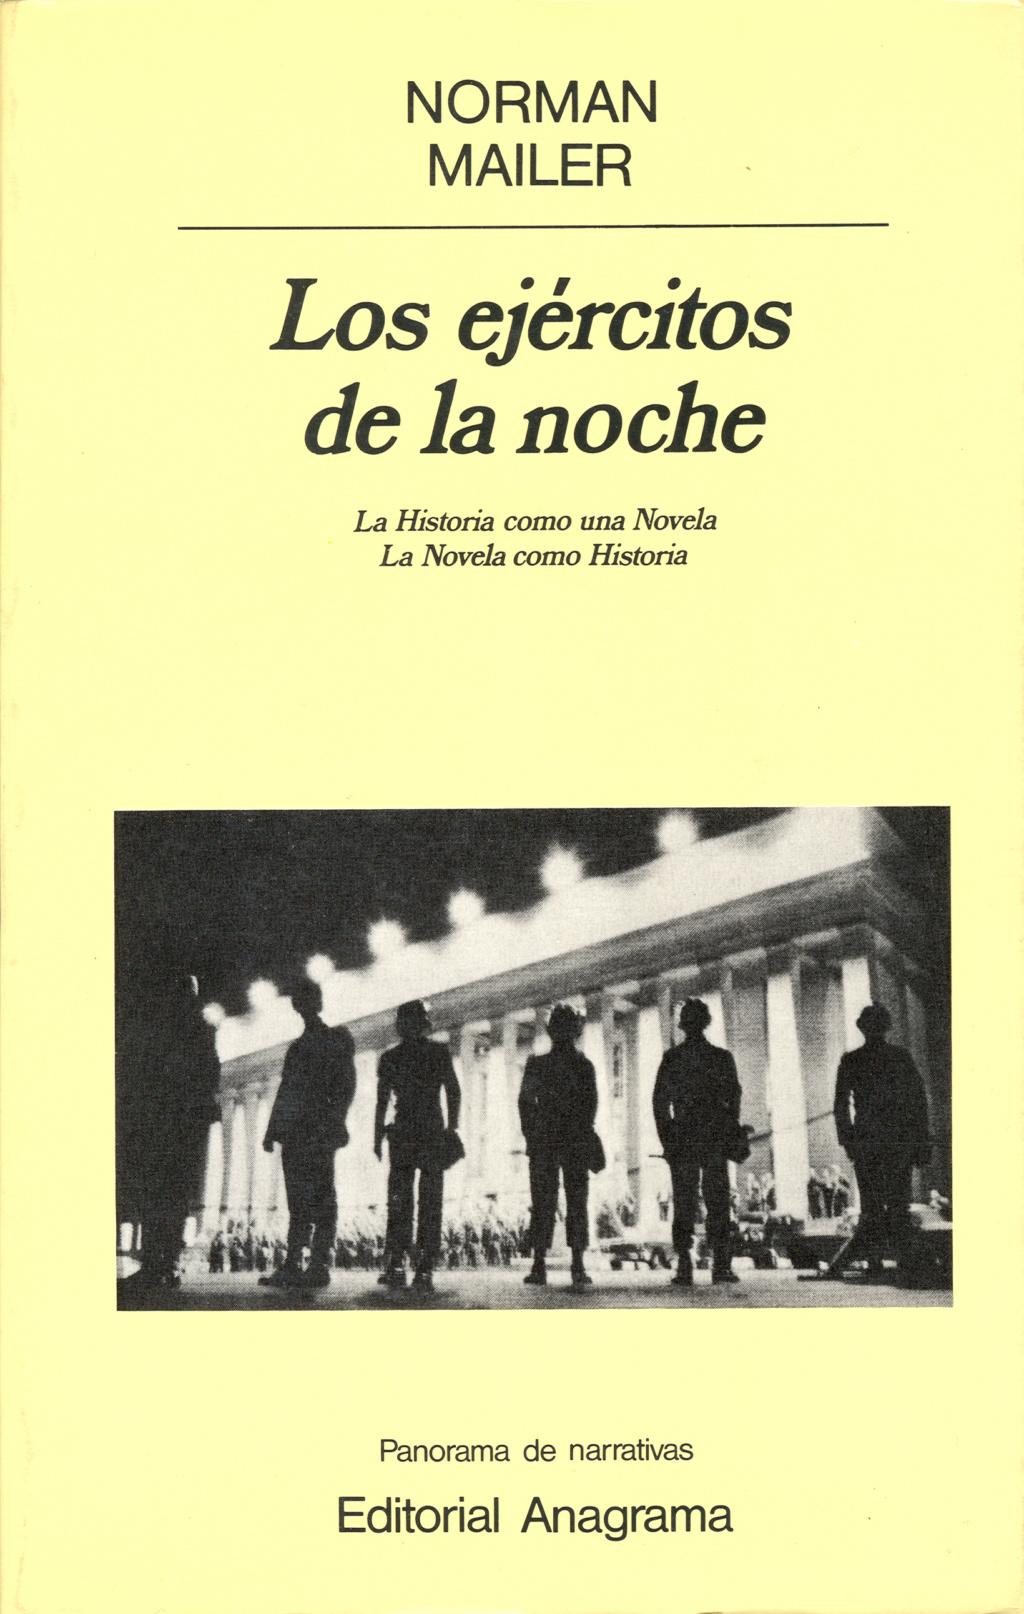 Los ejércitos de la noche - Norman Mailer Portad42